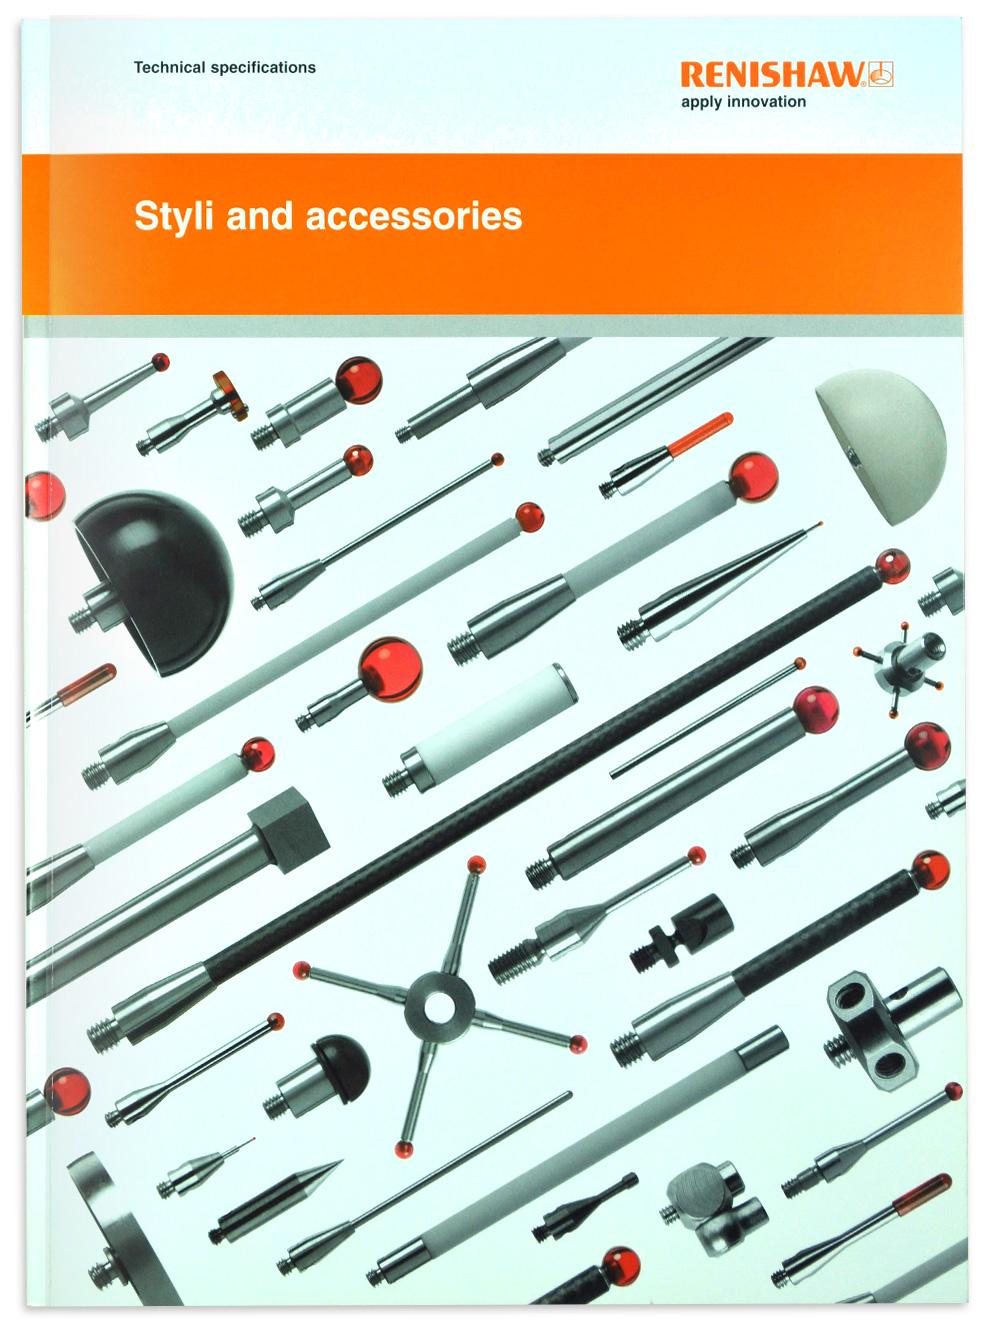 New Renishaw styli catalogue